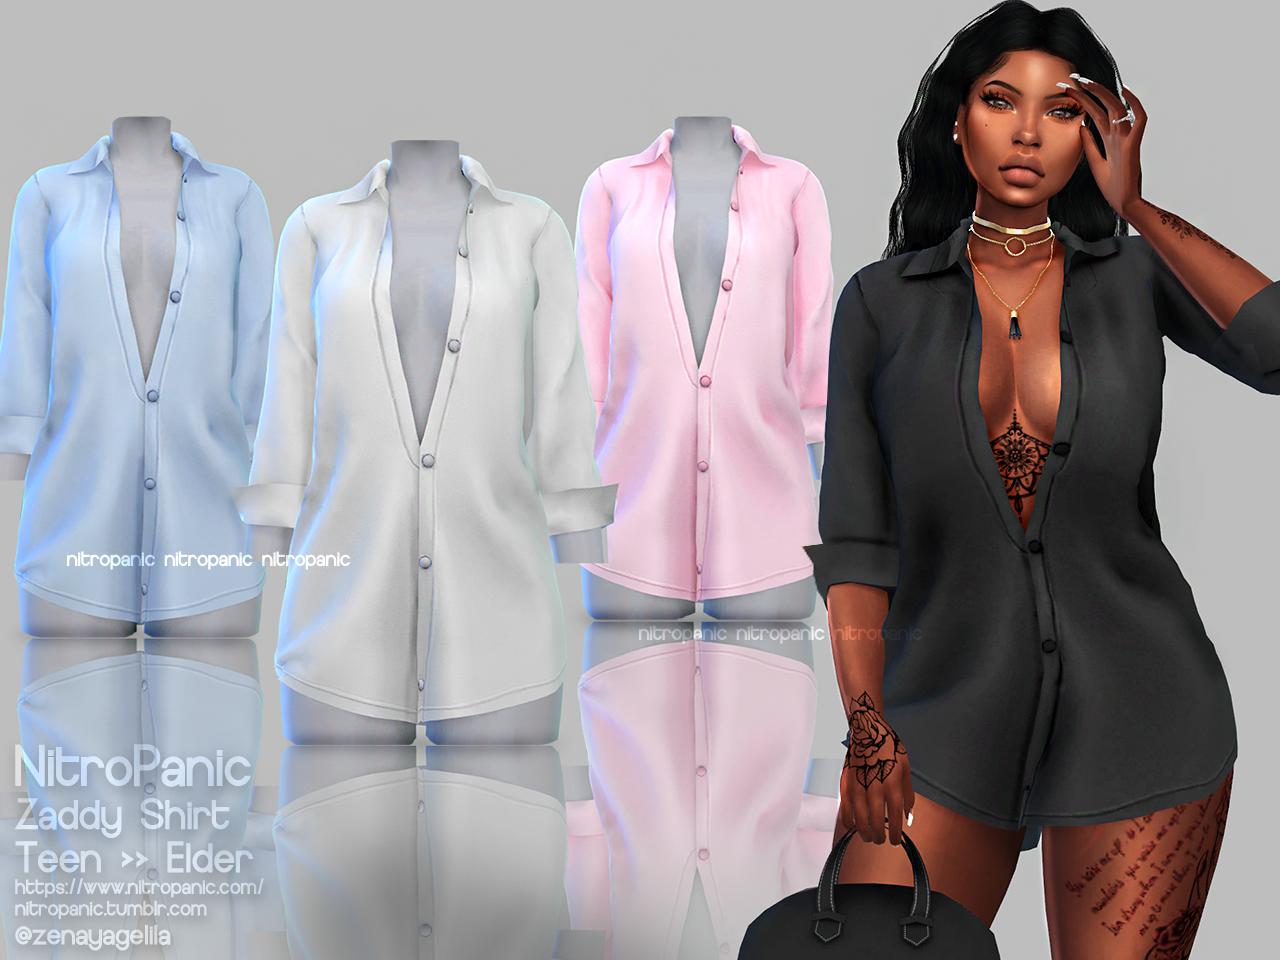 Женская повседневная одежда - Страница 2 Icononew